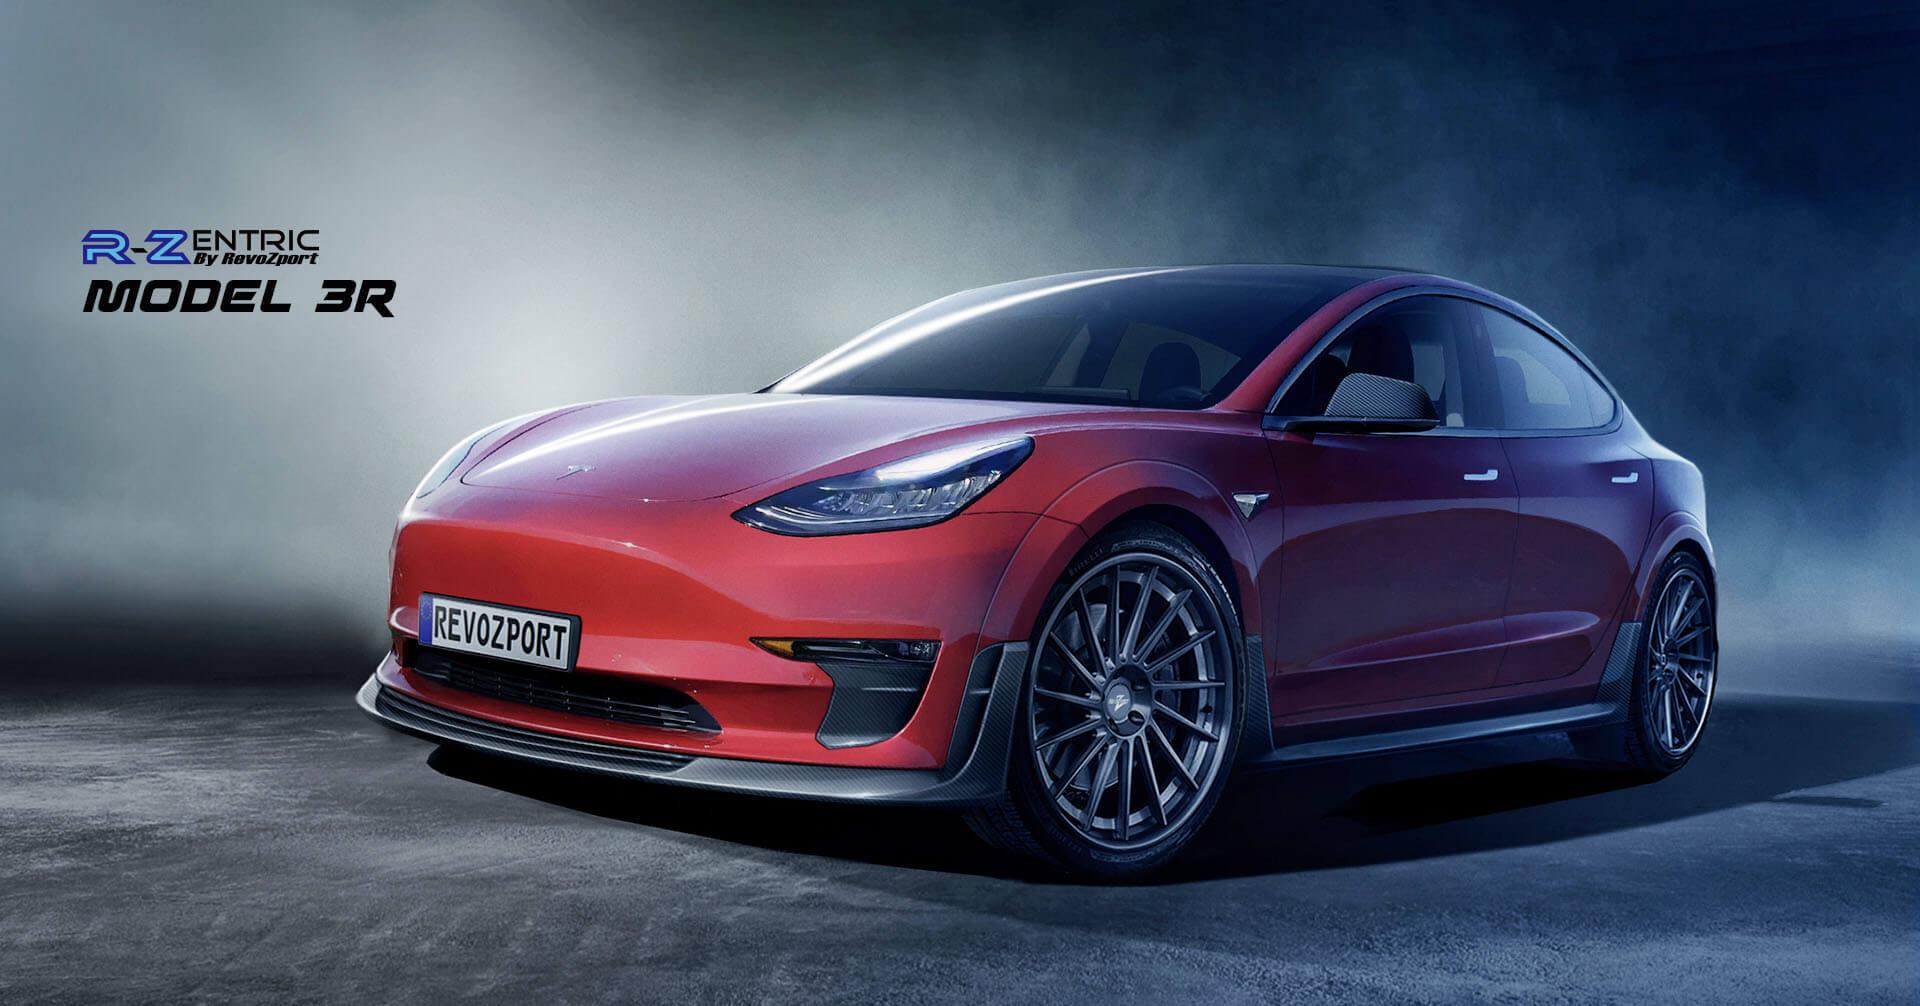 Комплект аэродинамического кузовного тюнинга R-Zentric ModelR3 для Tesla Model 3